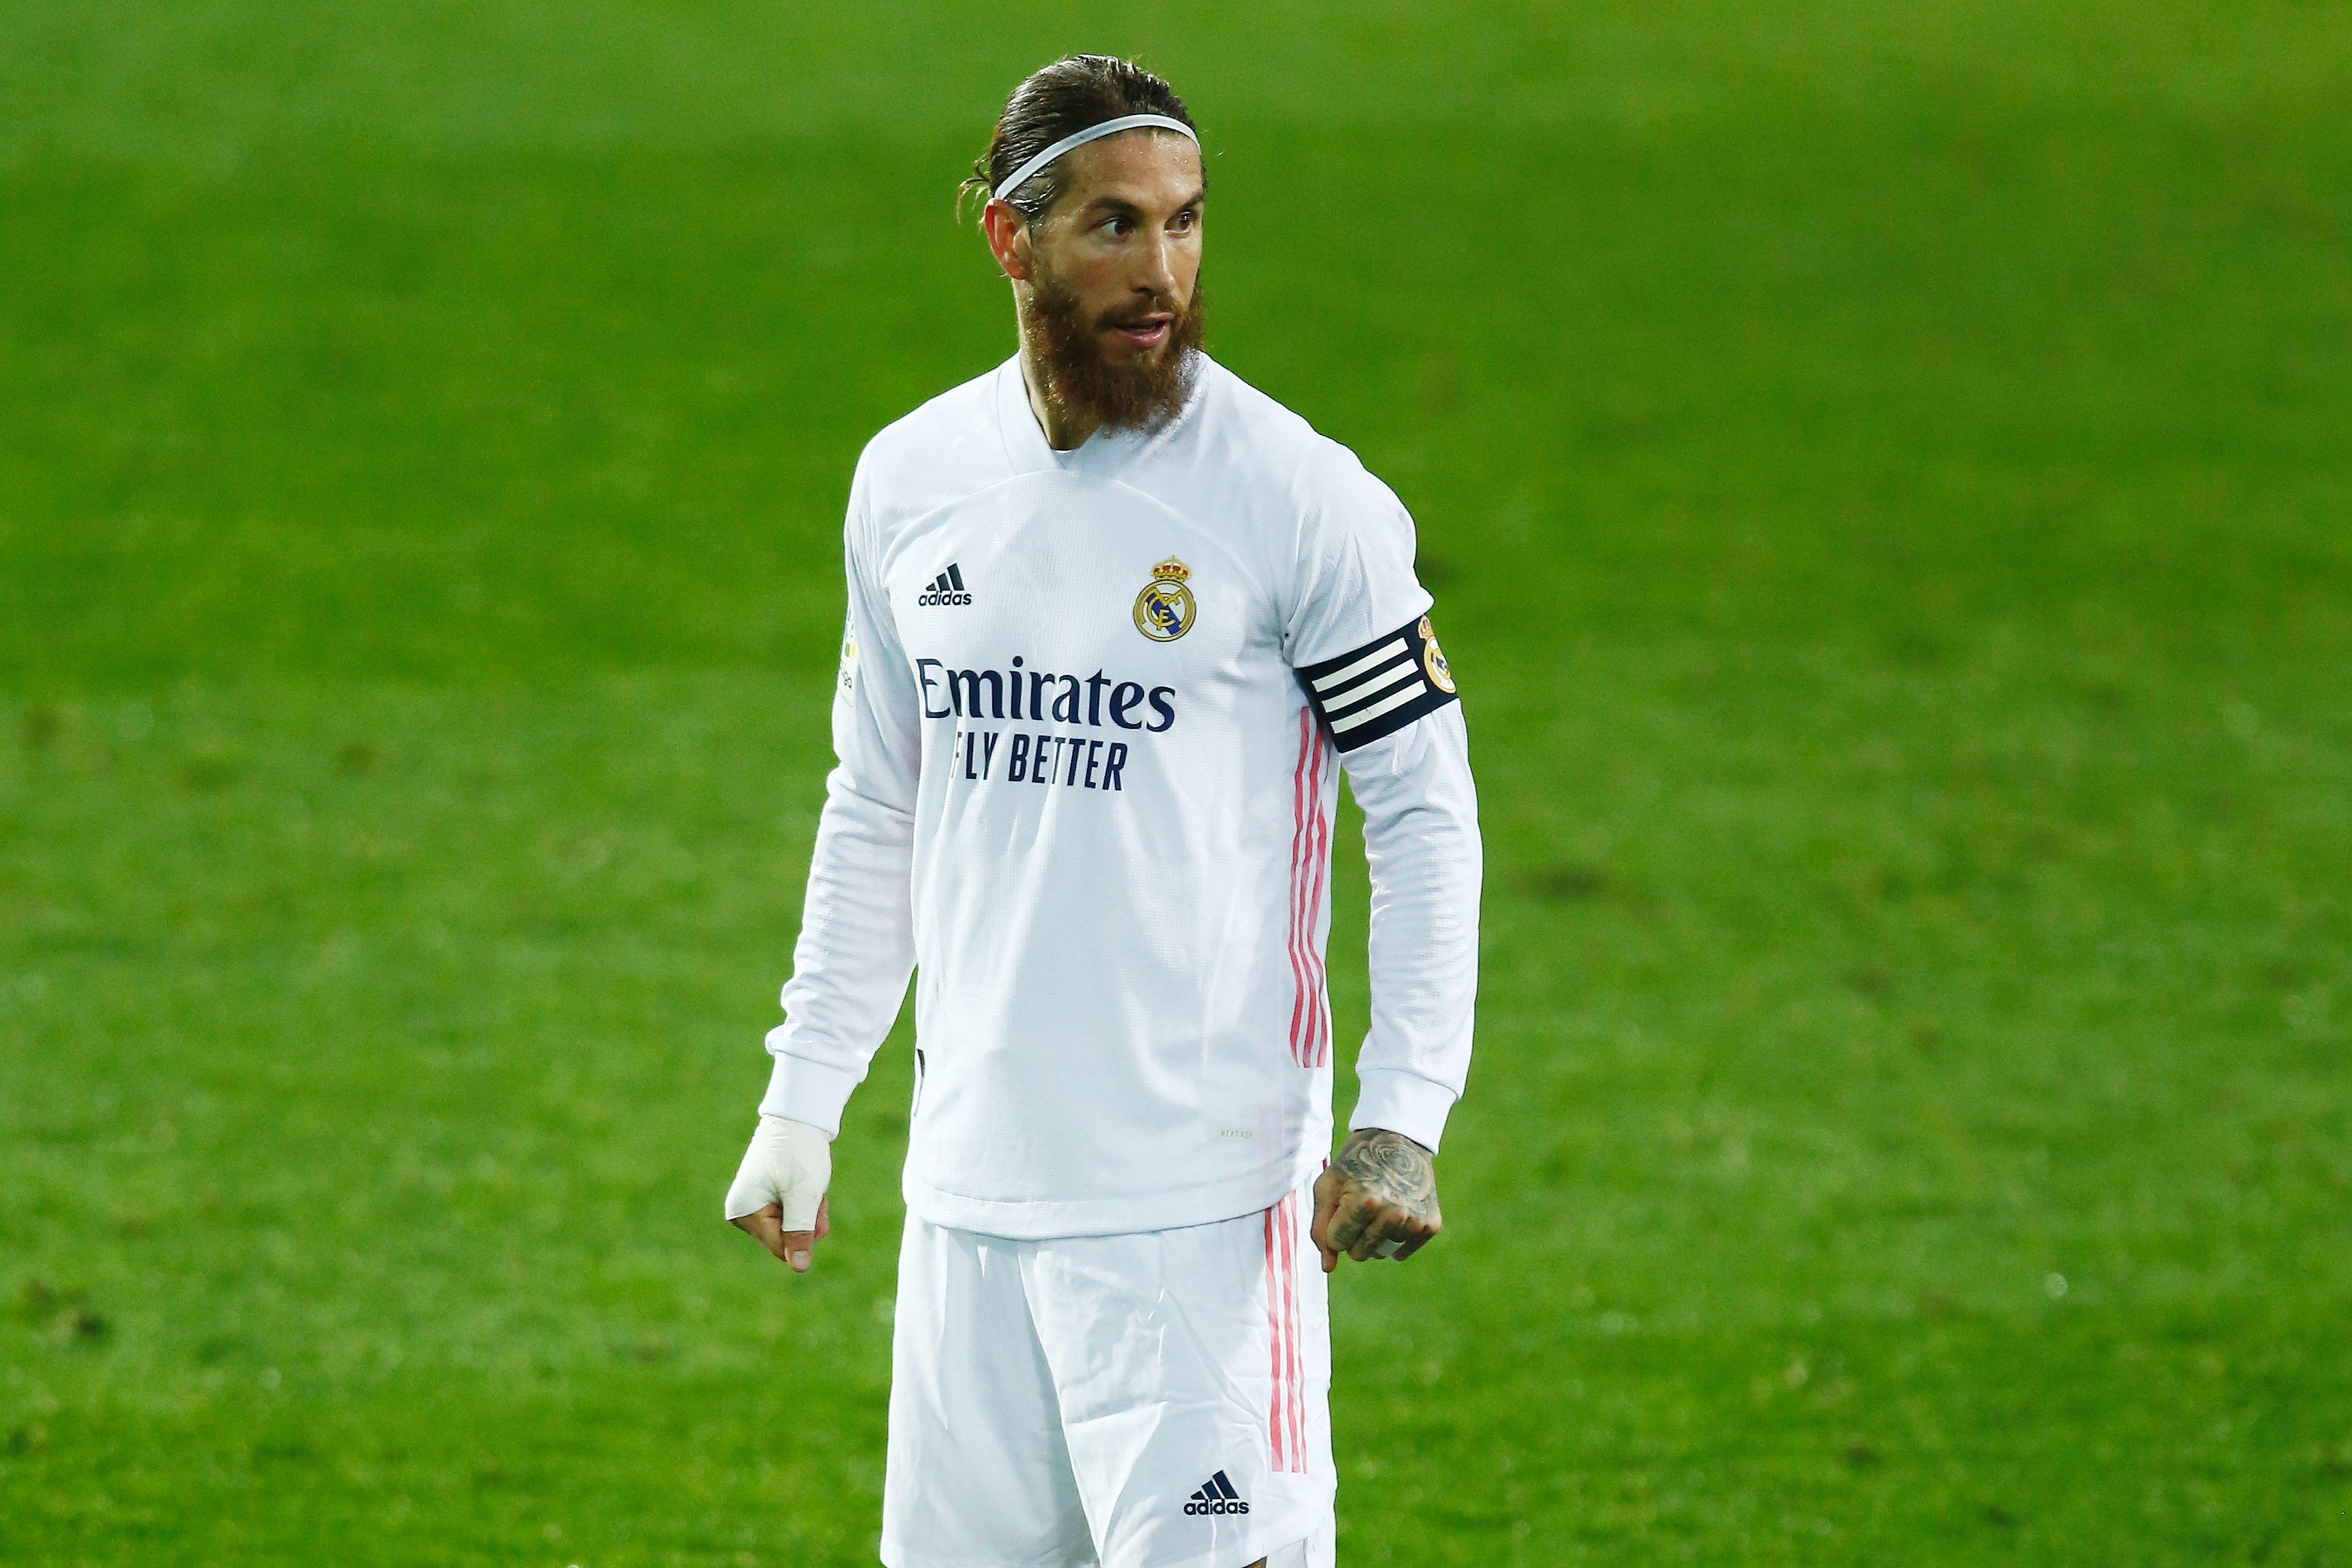 'Манчестер Сити' попытается перехватить Серхио Рамоса у 'Реала'